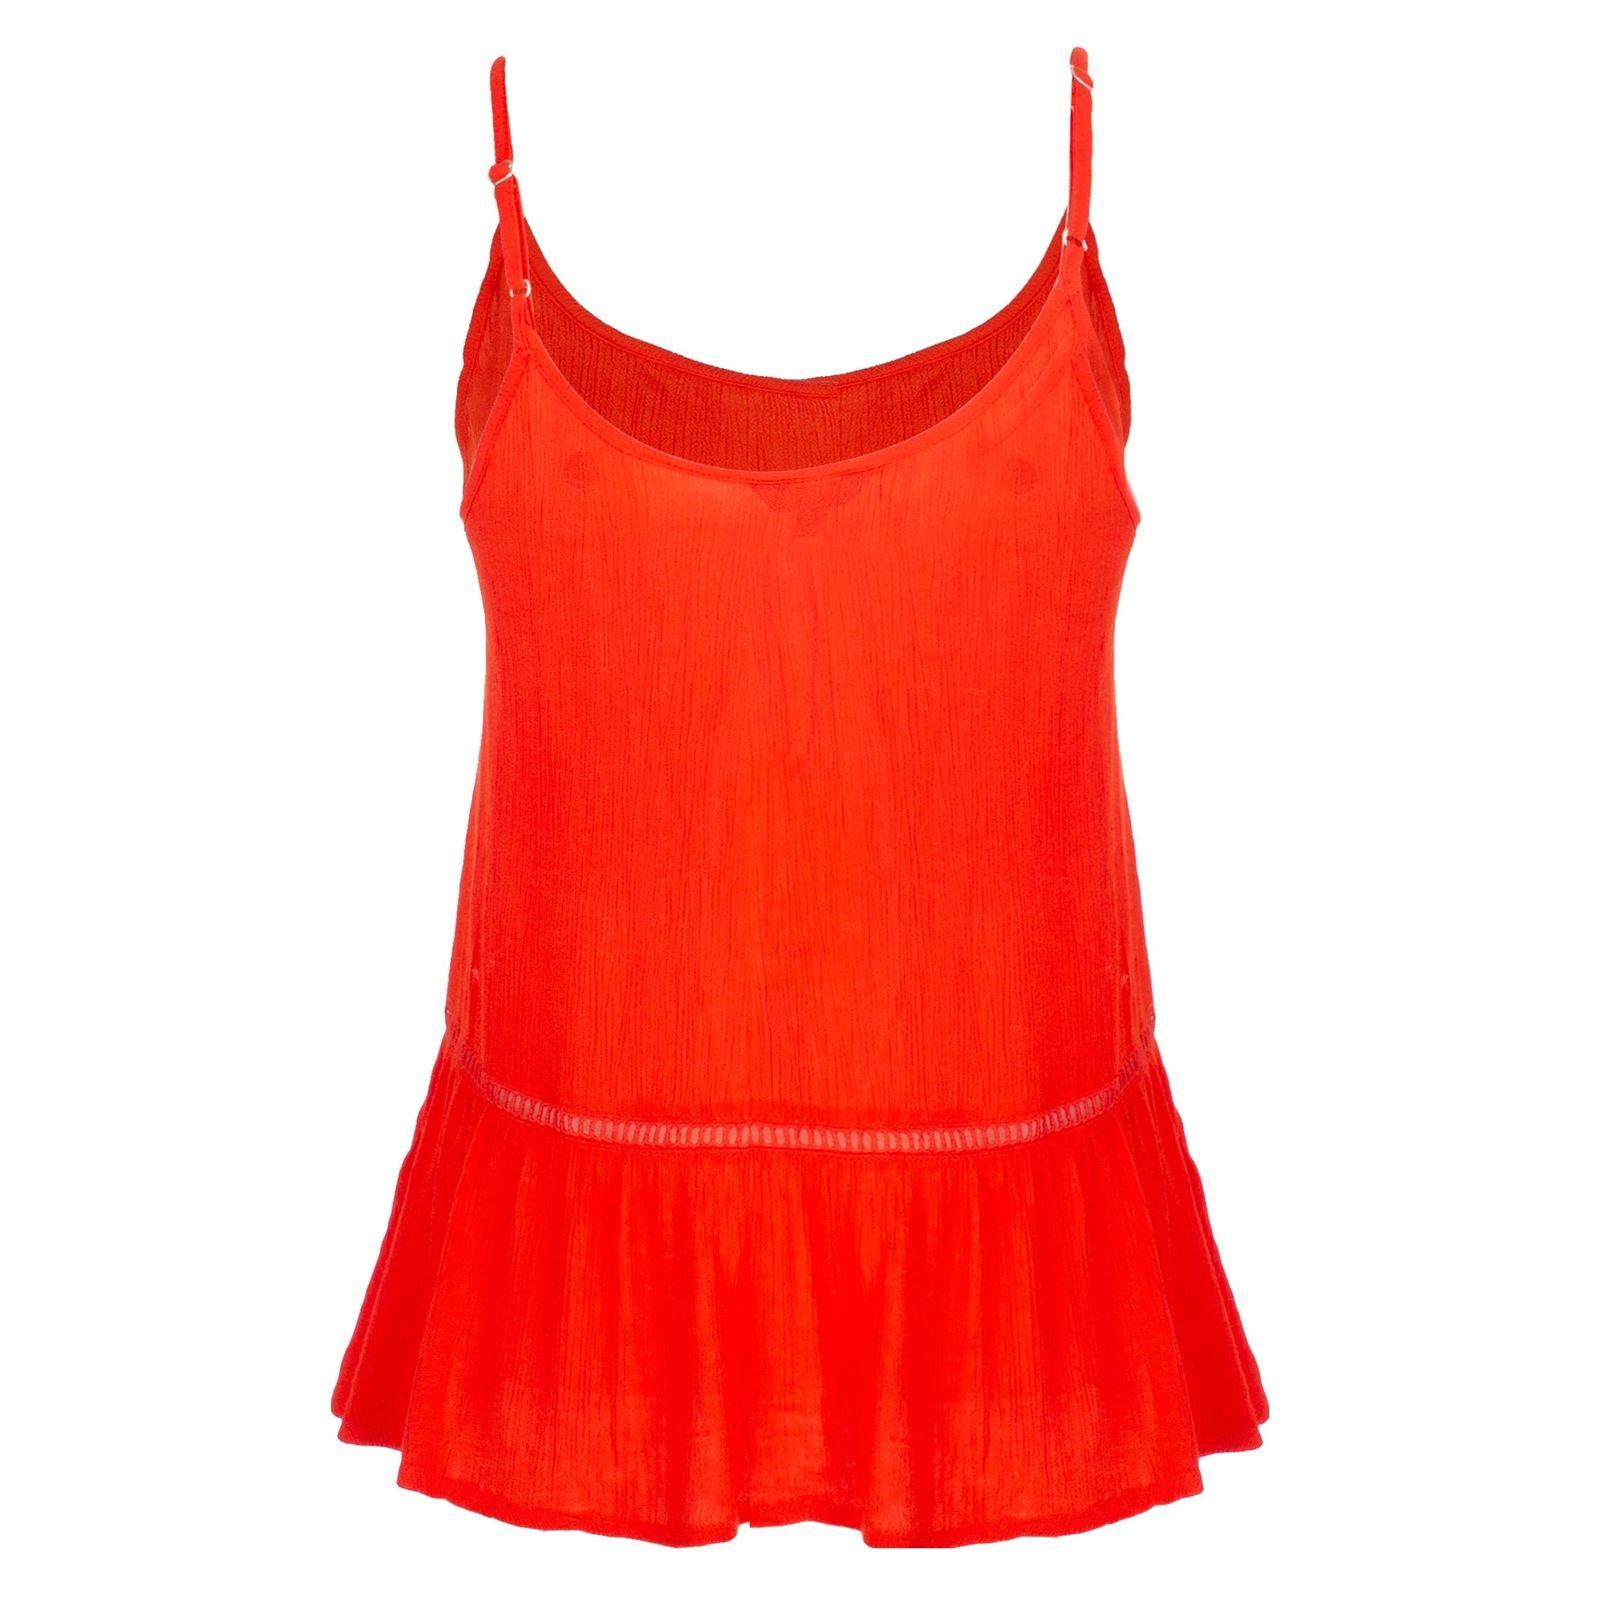 تاپ ویسکوز بندی زنانه - ام بای ام - نارنجي  - 1